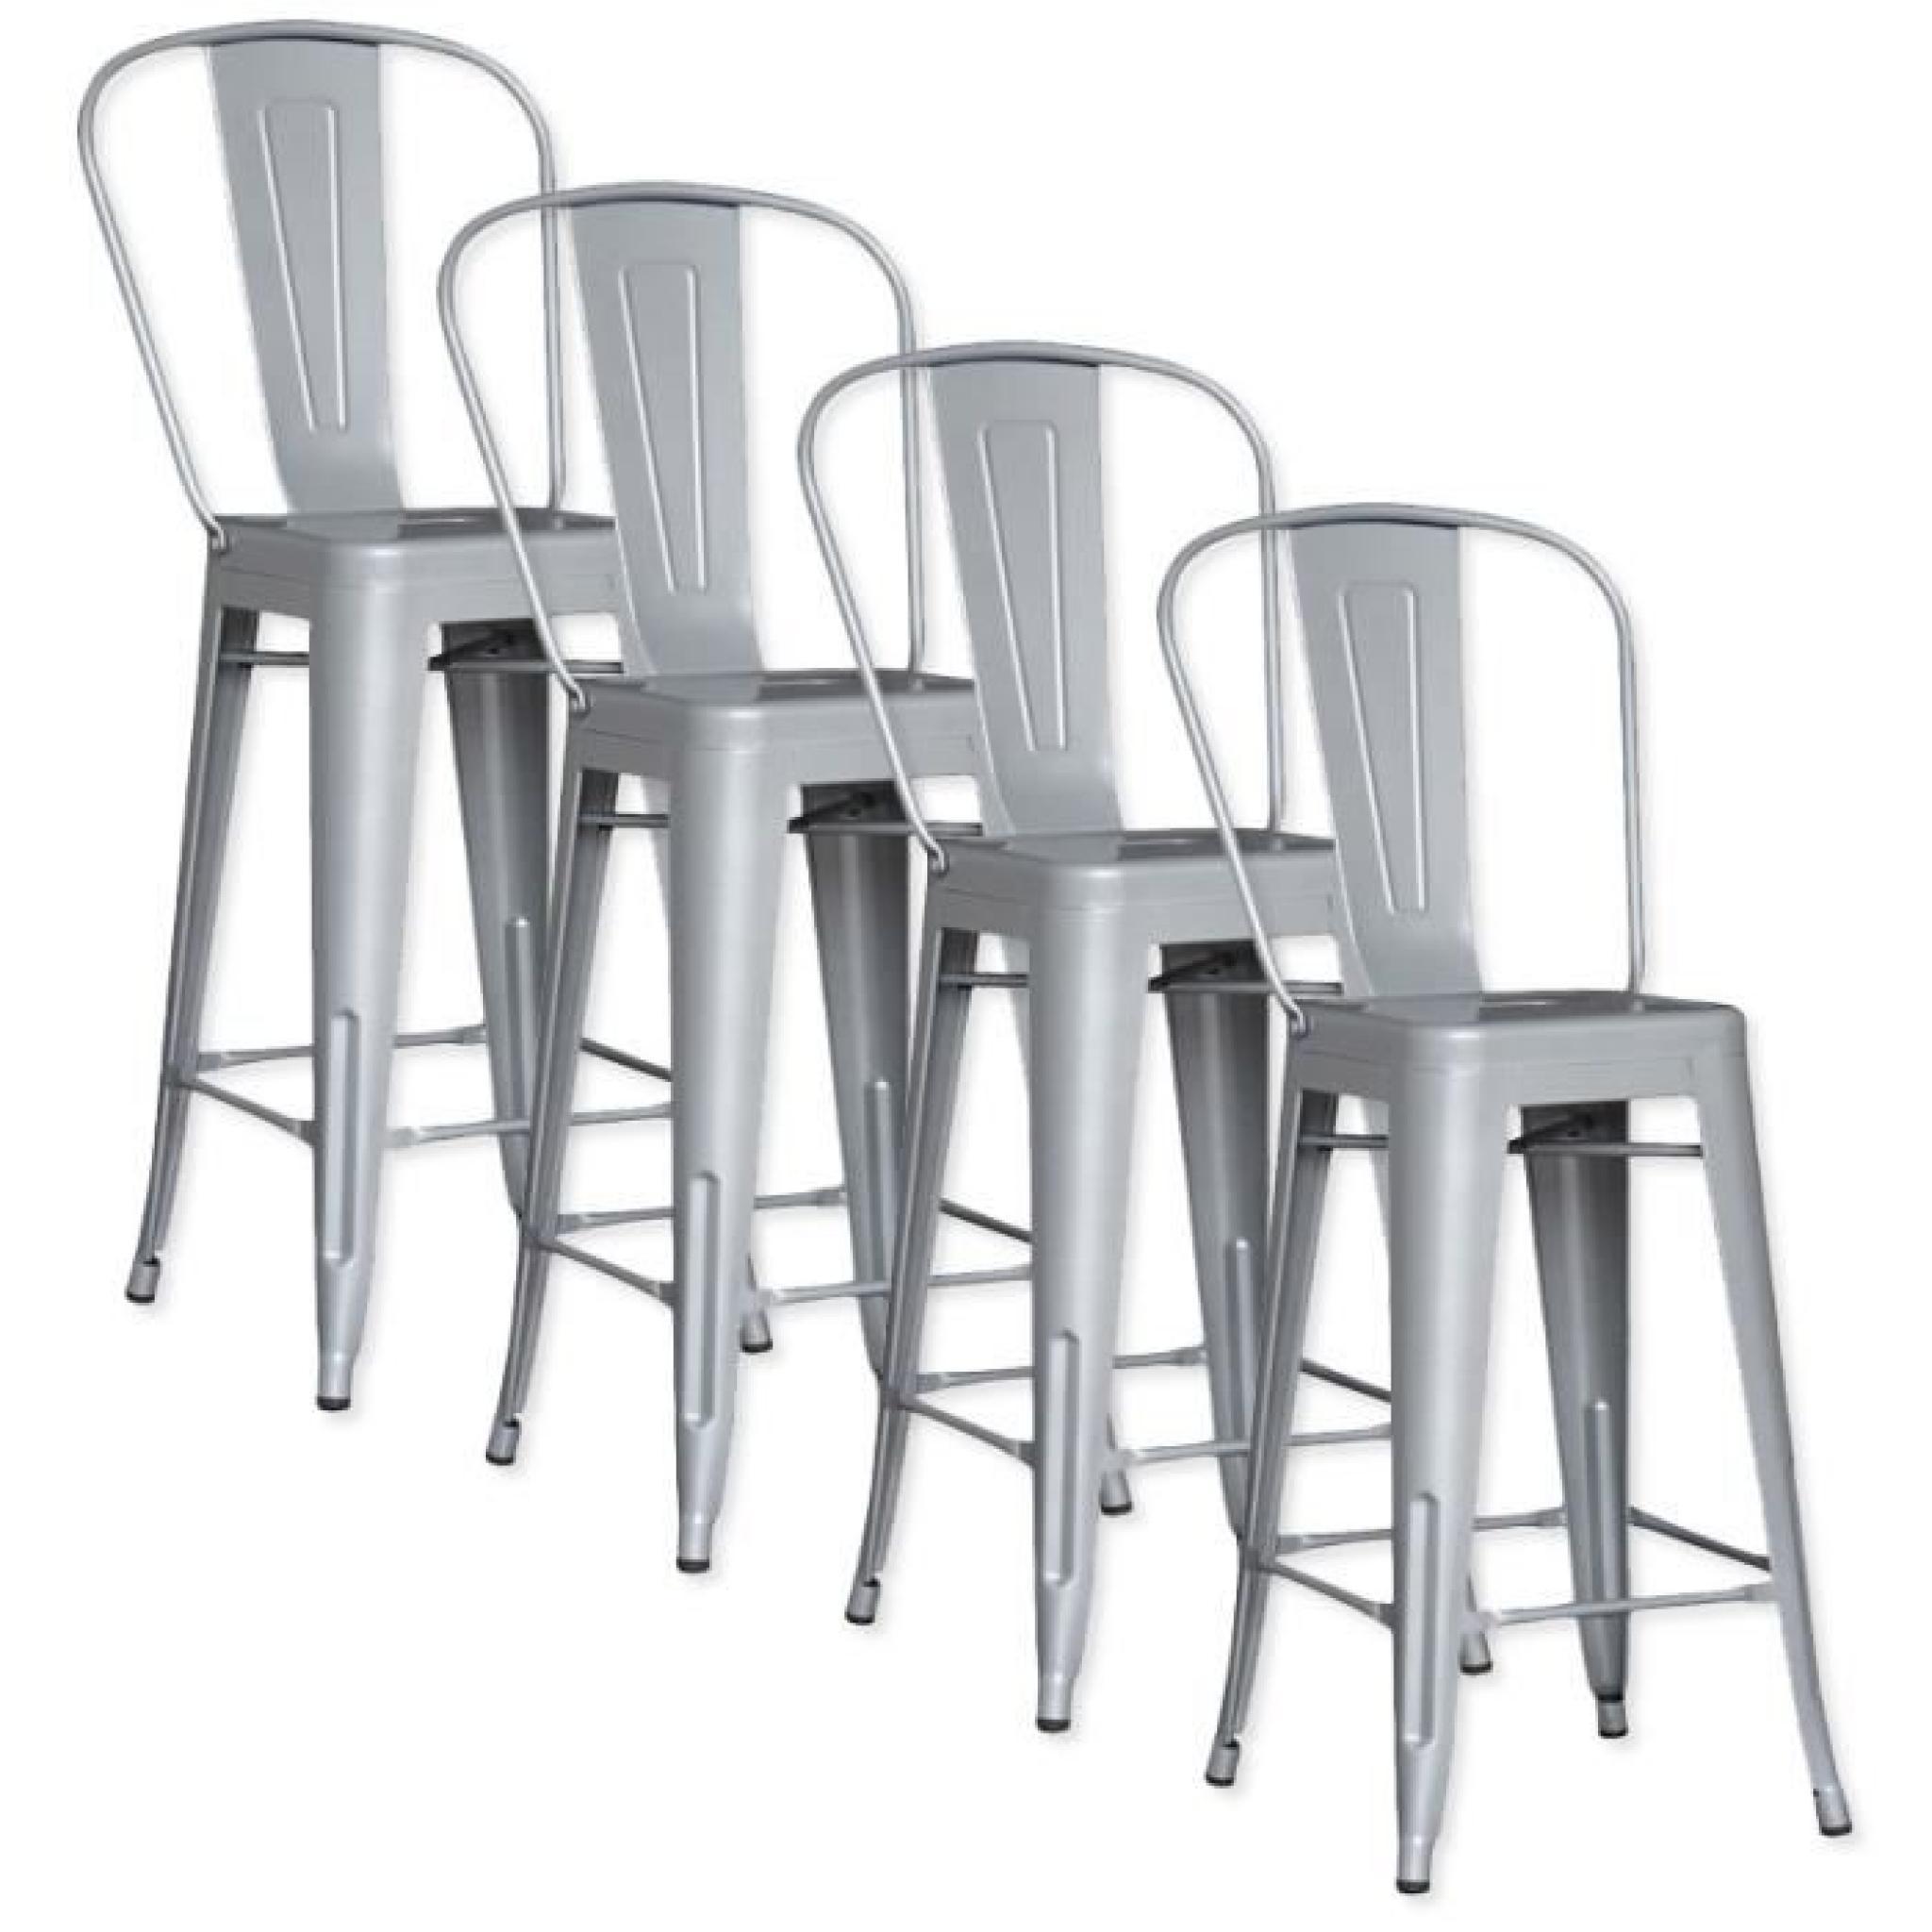 Lot de 4 chaises de bar m tal loft laqu gris achat vente tabouret de bar p - Lot de 4 chaises pas cher ...